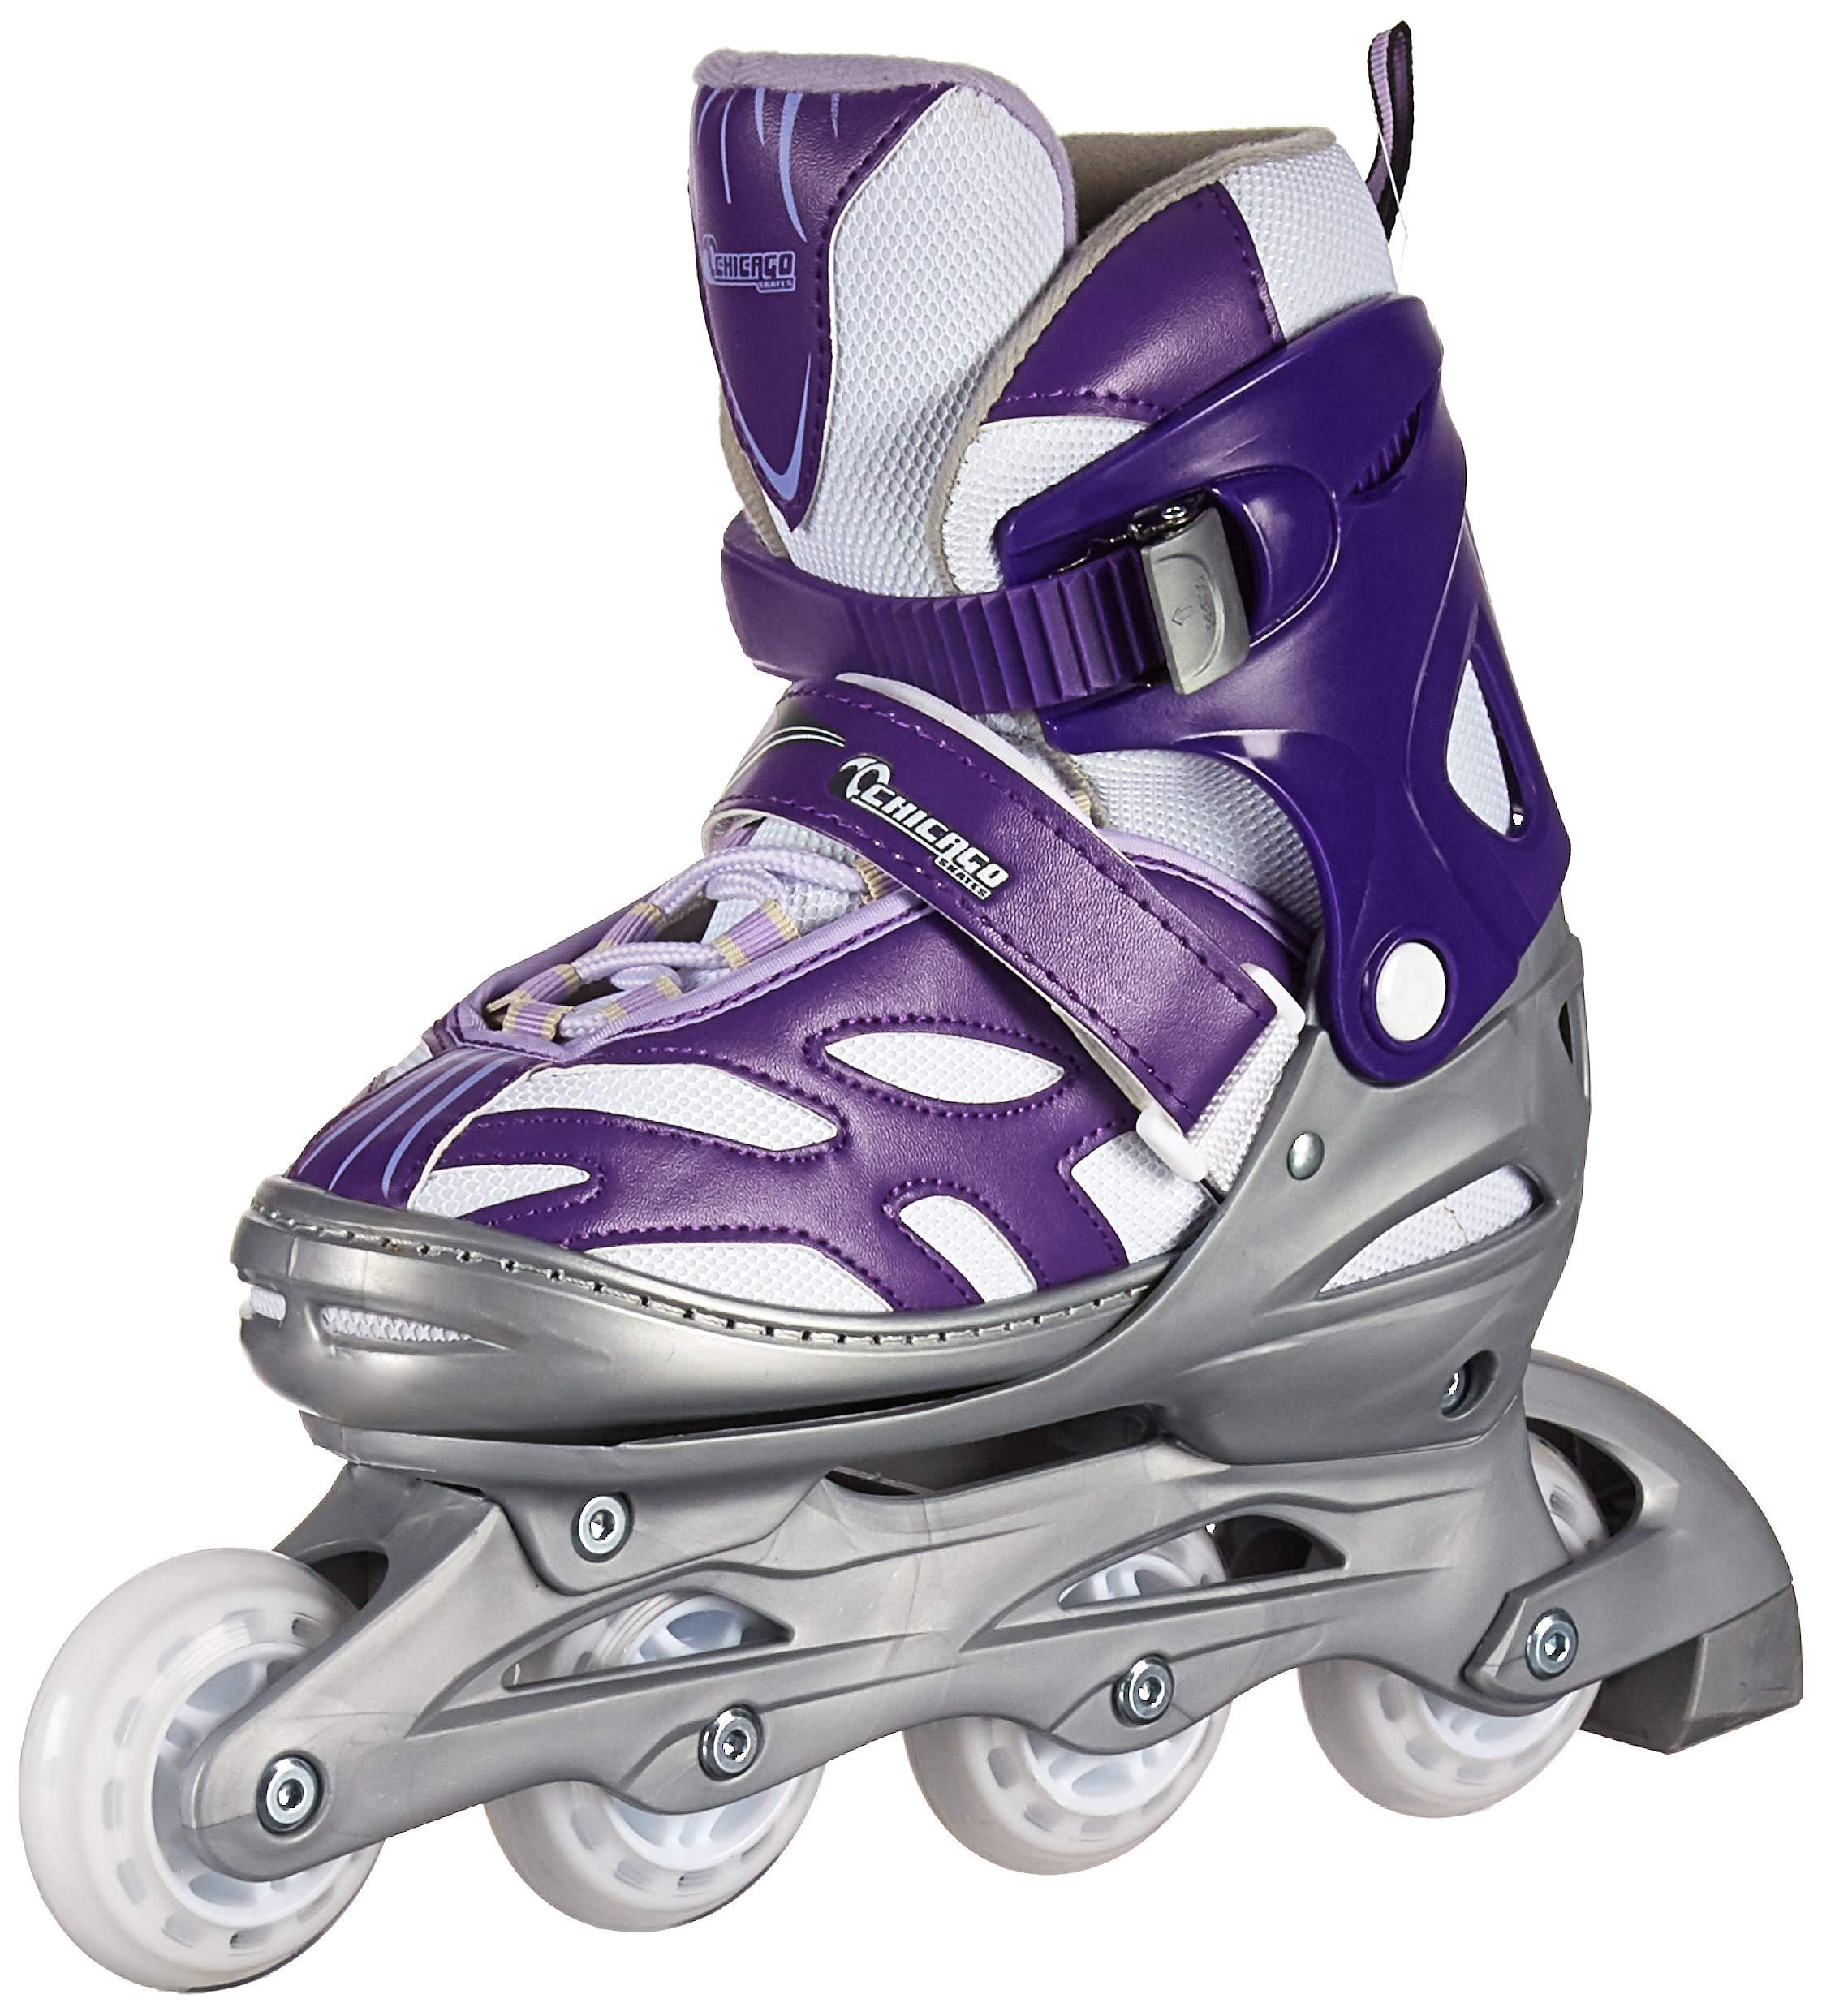 Chicago Blazer Girls Adjustable Inline Skates - Purple - Sizes 1-4